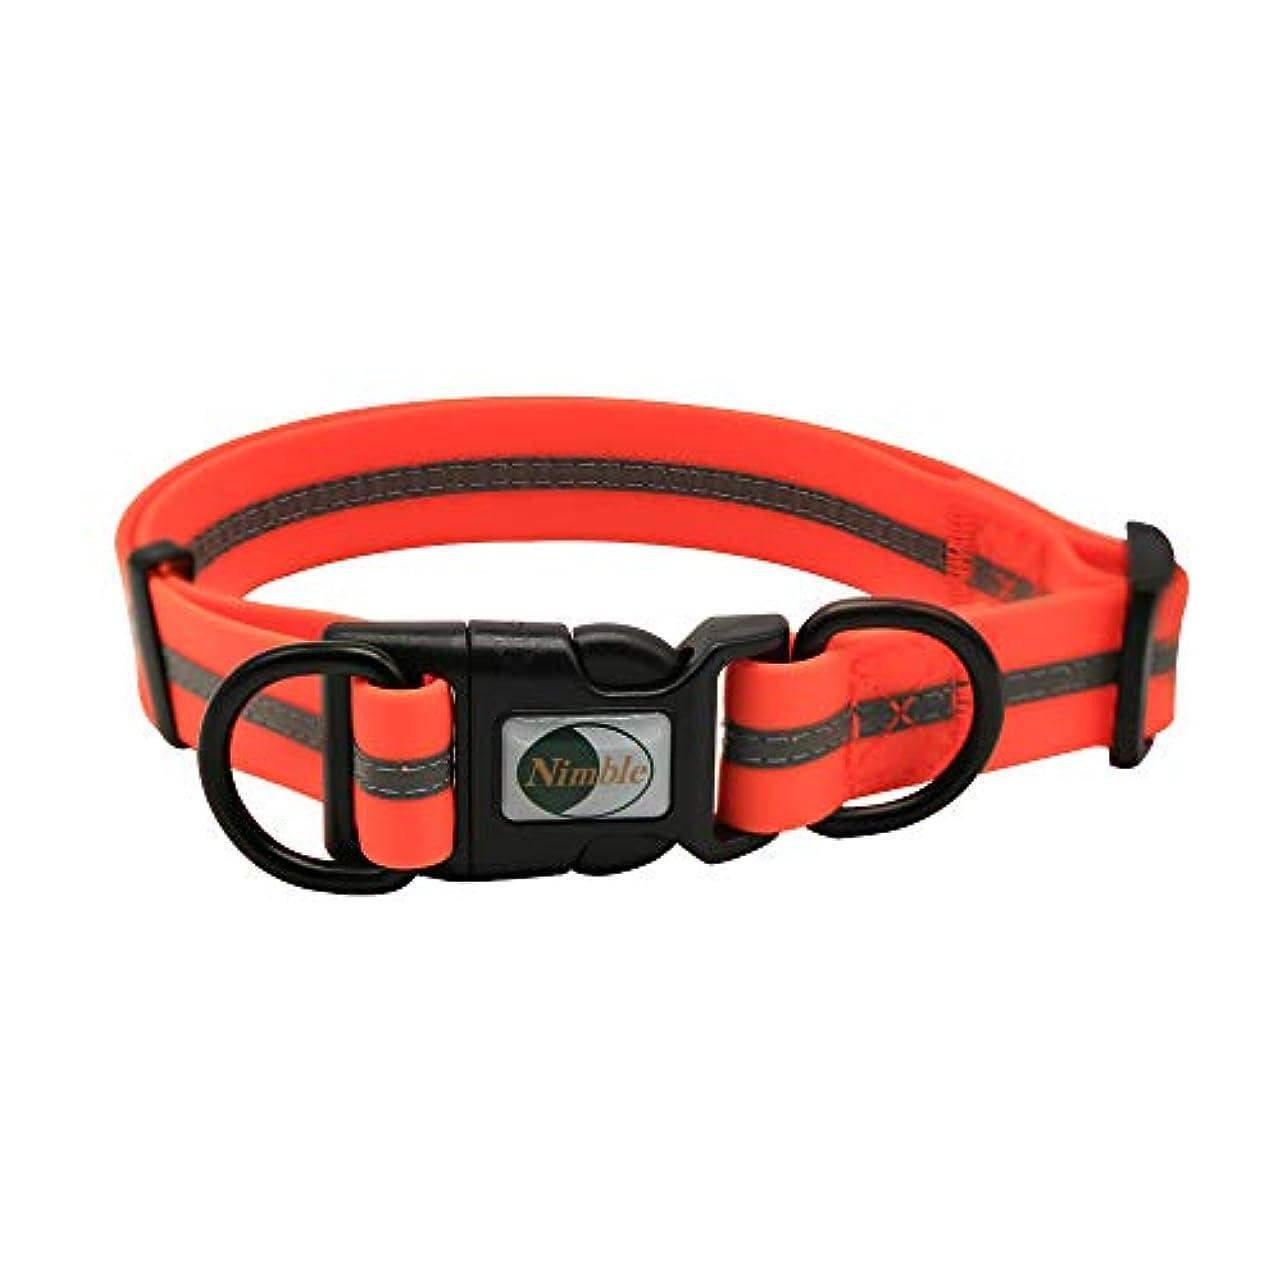 明らかに対角線社会学Nimble 犬 首輪 犬の首輪 夜の反射 抗菌 防水 調節可能 ベルト首輪 小型、中型、大型犬対応 (M, オレンジ)